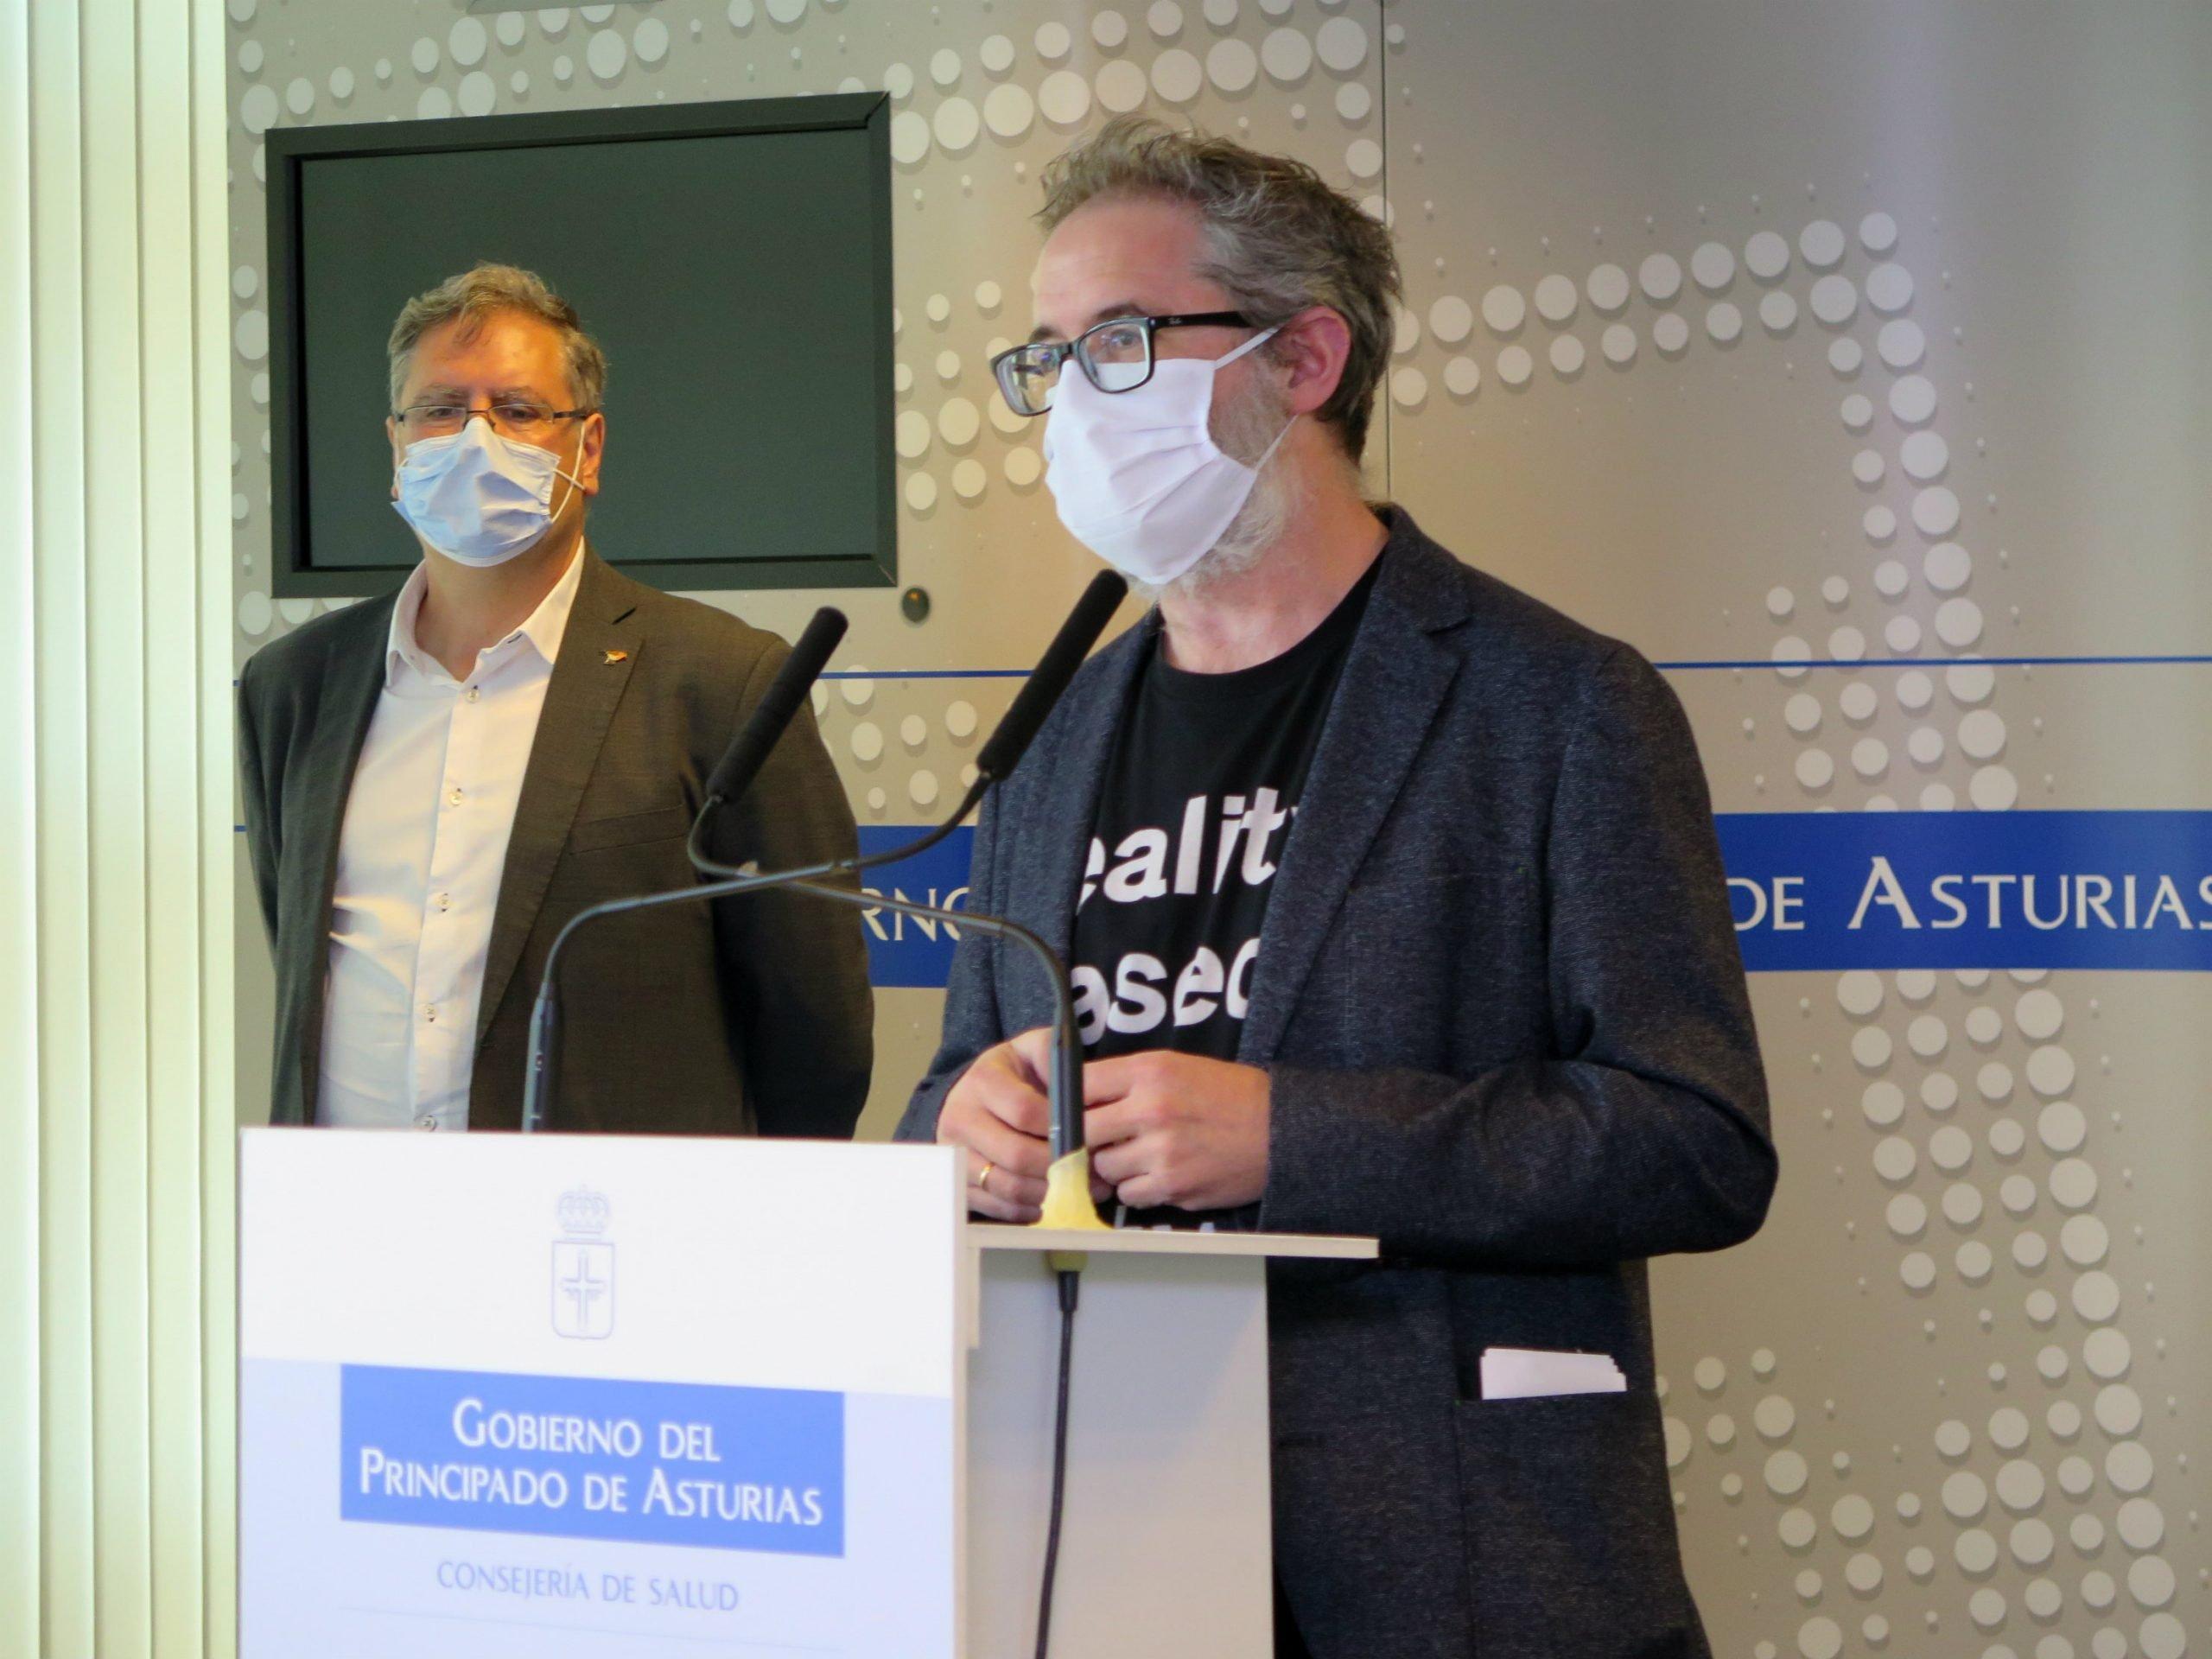 Un estudio de Salud Pública constata la contención de la incidencia de la epidemia de coronavirus en Asturias